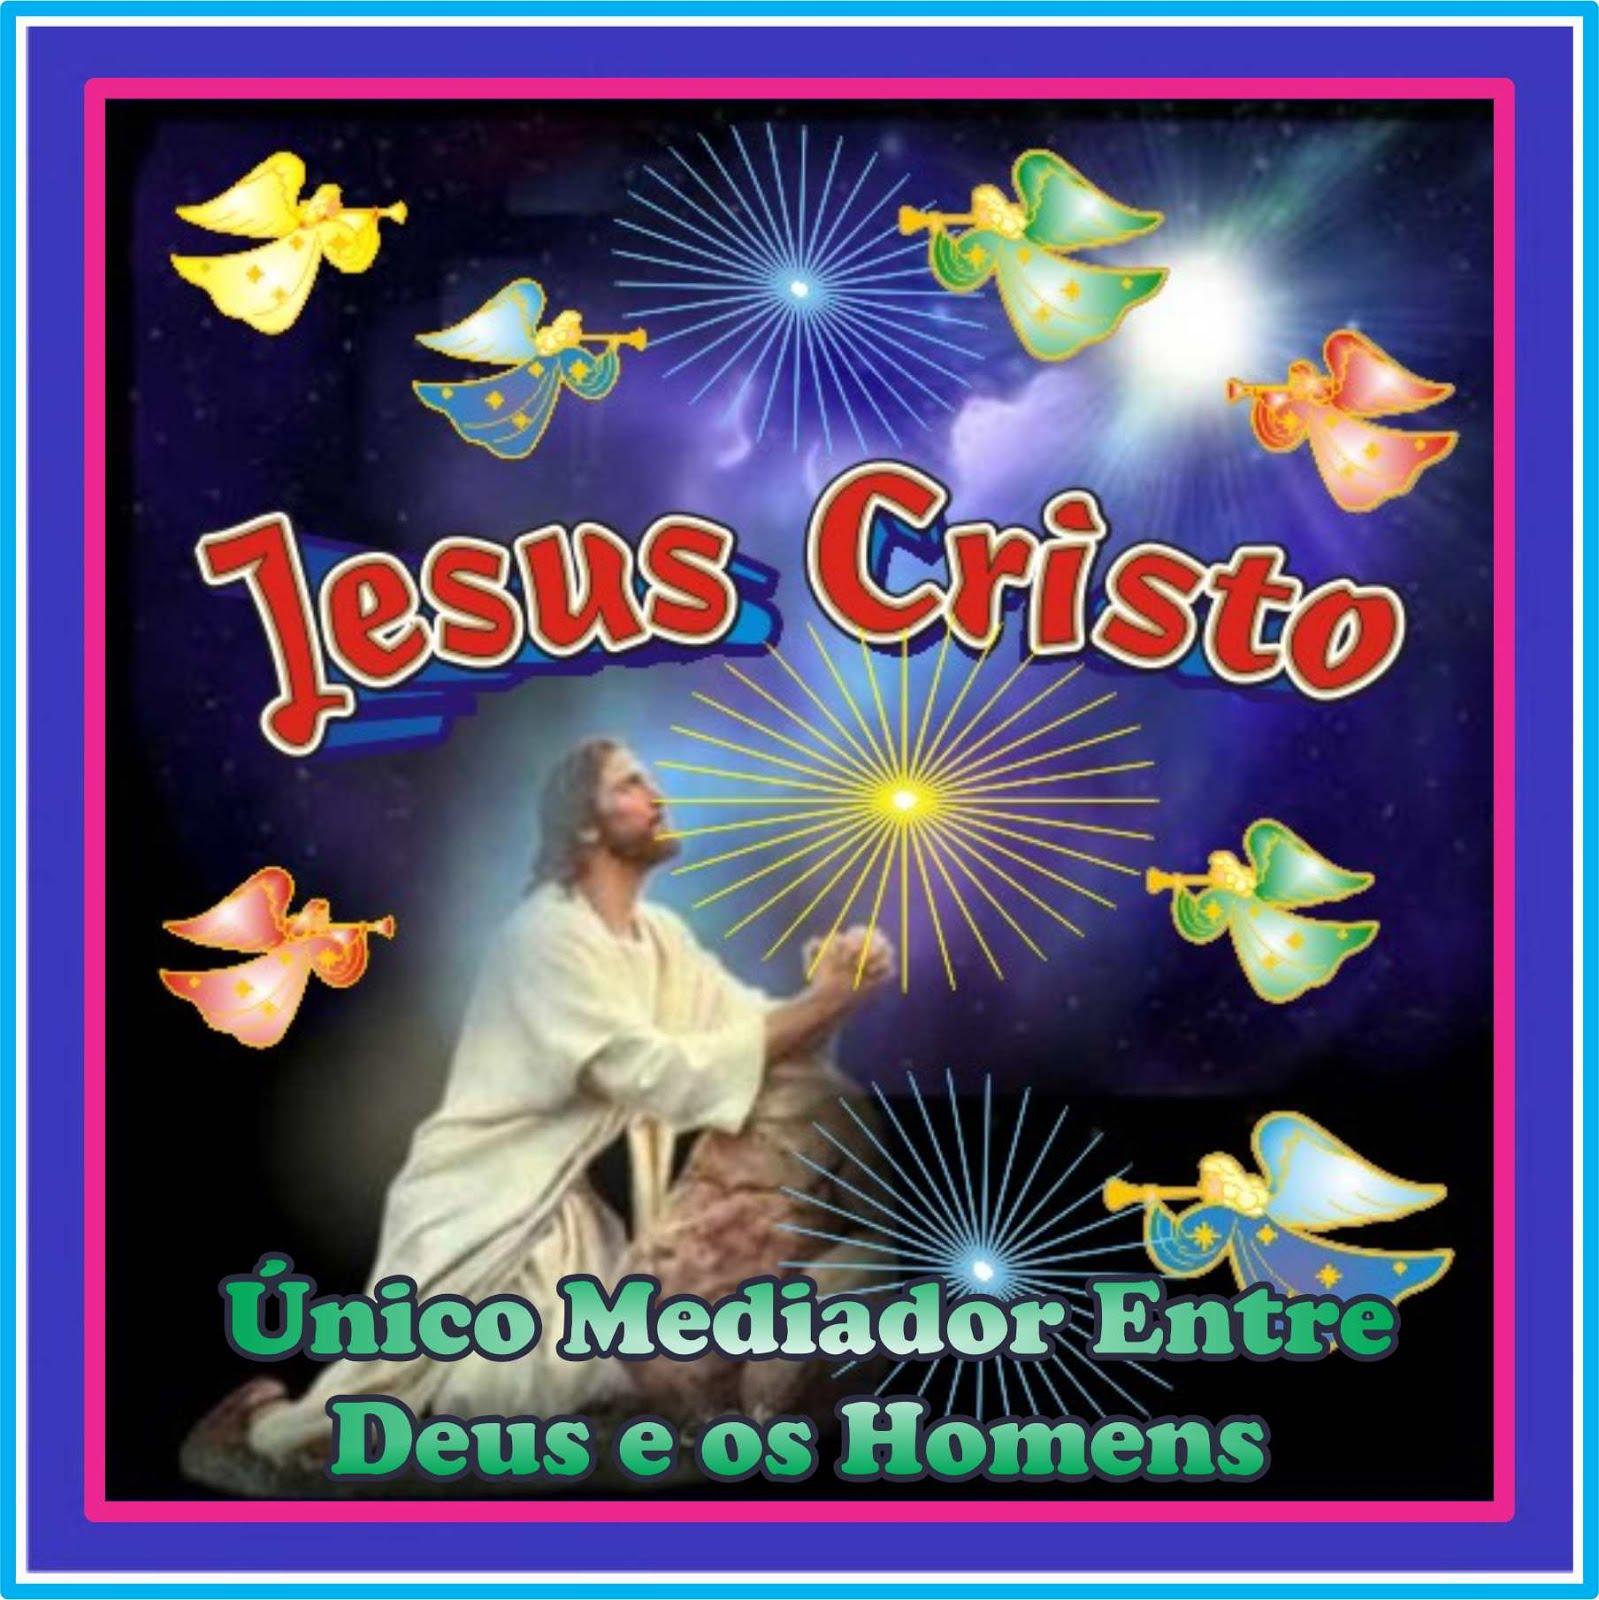 Jesus Cristo Único Mediador Entre Deus e Os Homens